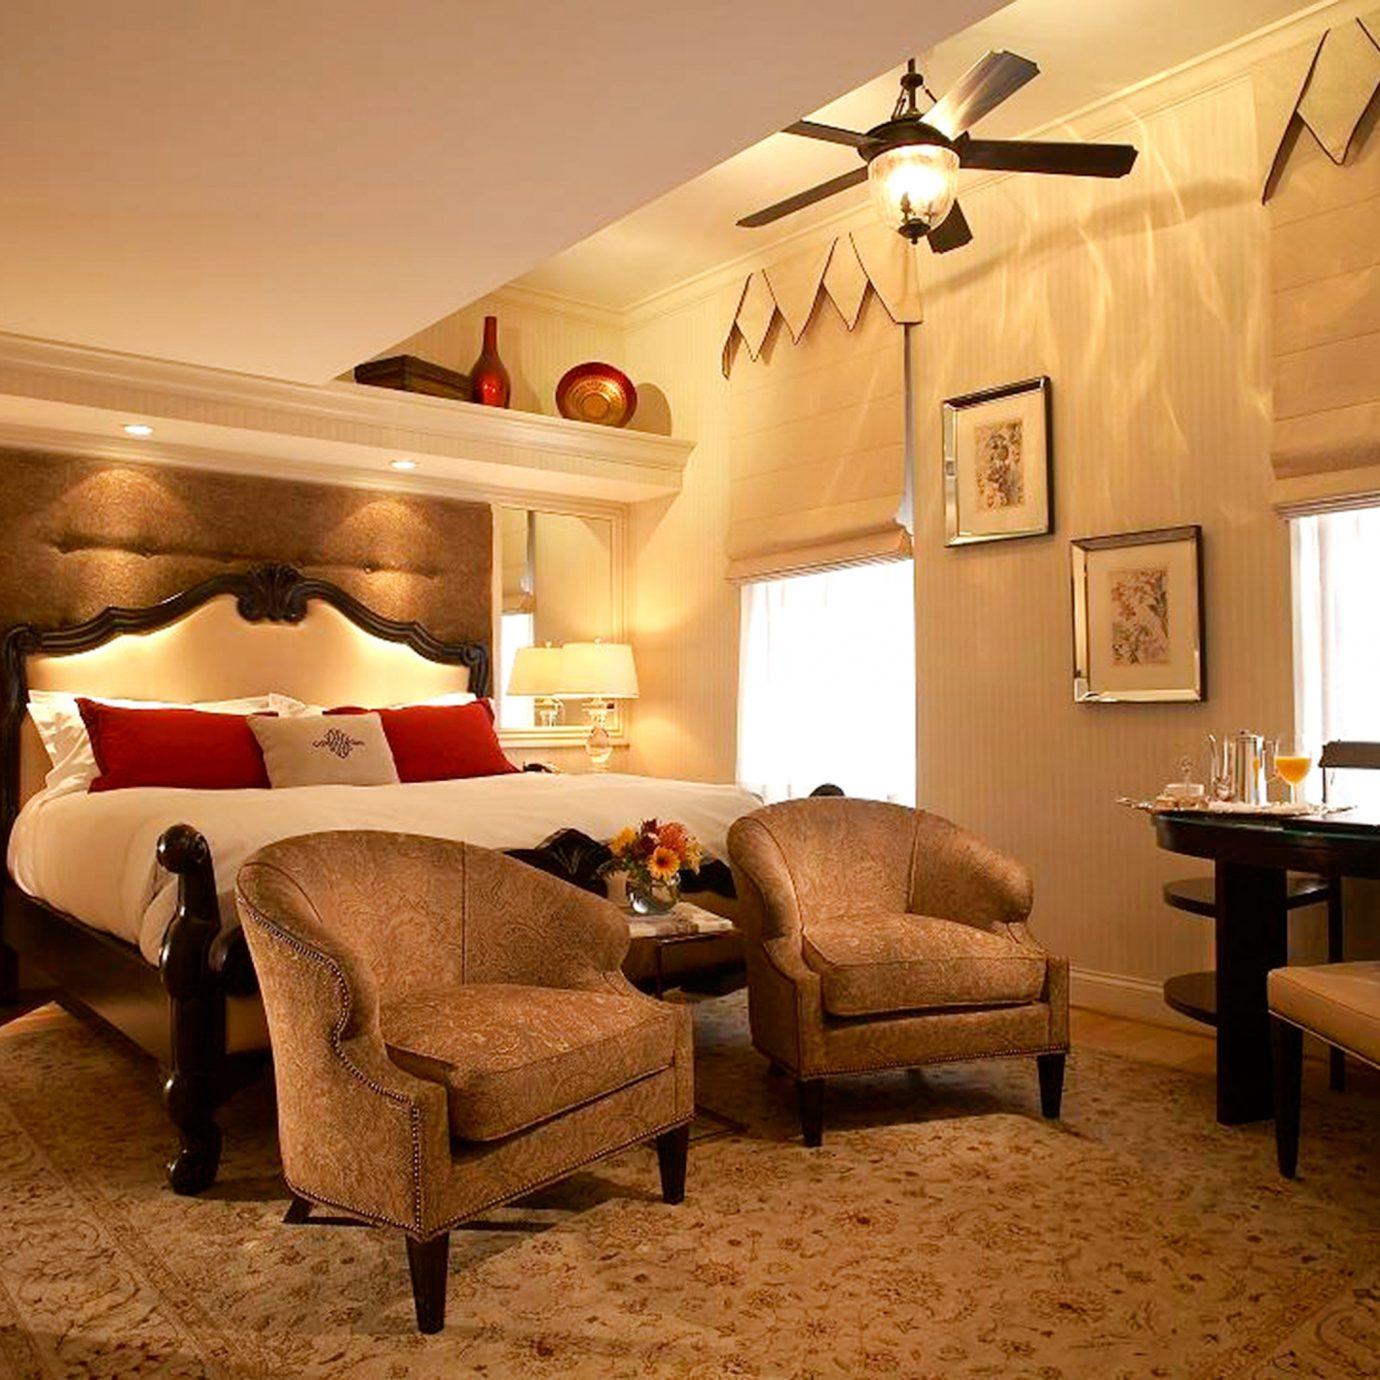 Bedroom Elegant Historic Modern property living room home cottage Suite Villa farmhouse